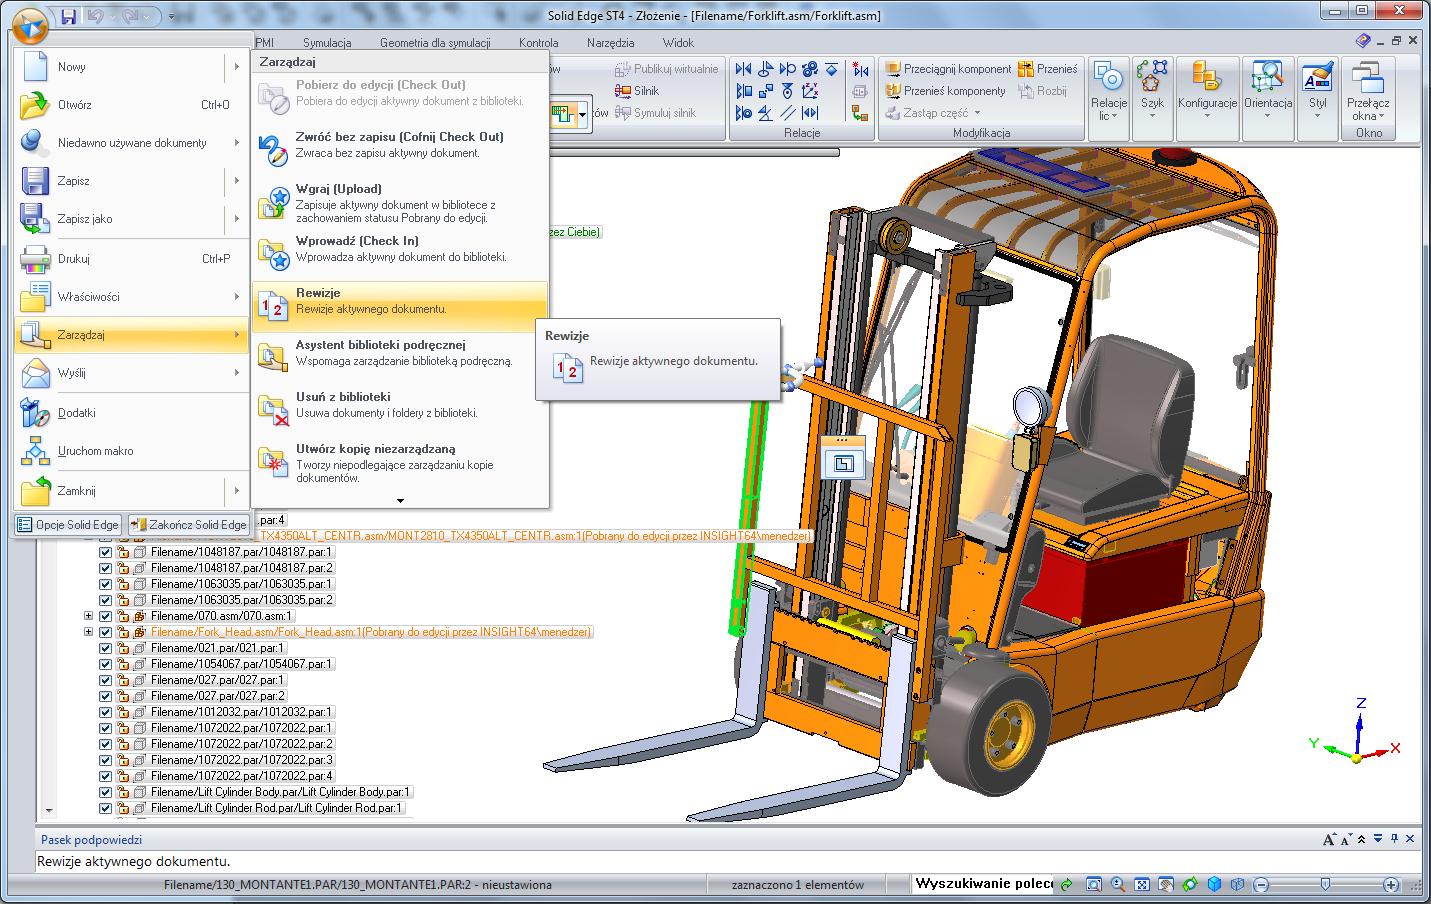 Solid Edge Insight - Zarządzanie danymi projektowymi i ich bezpieczeństwo